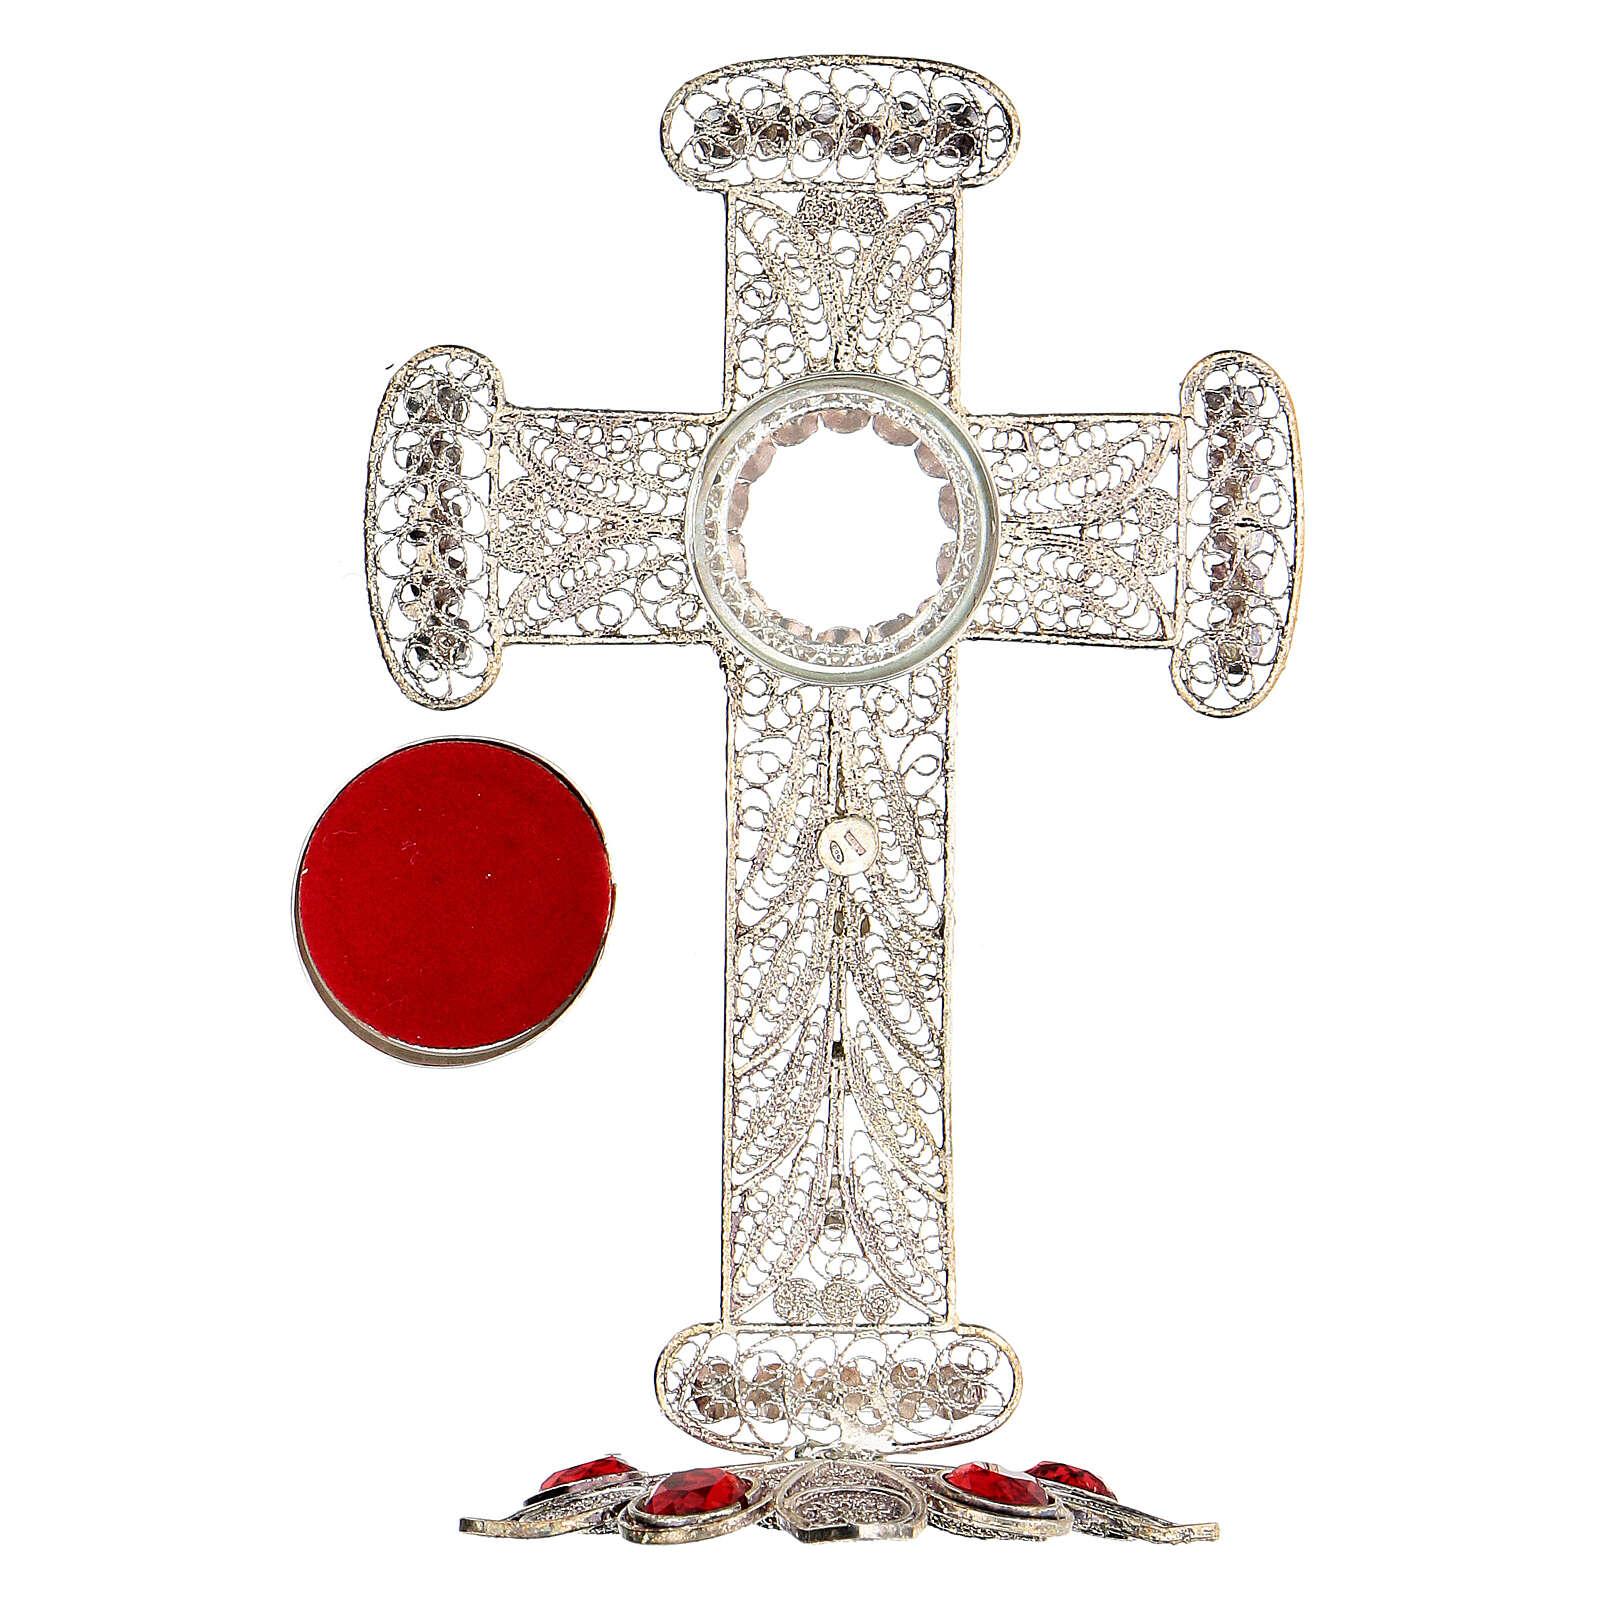 Reliquiario croce filigrana argento 800 strass h 11 cm 4